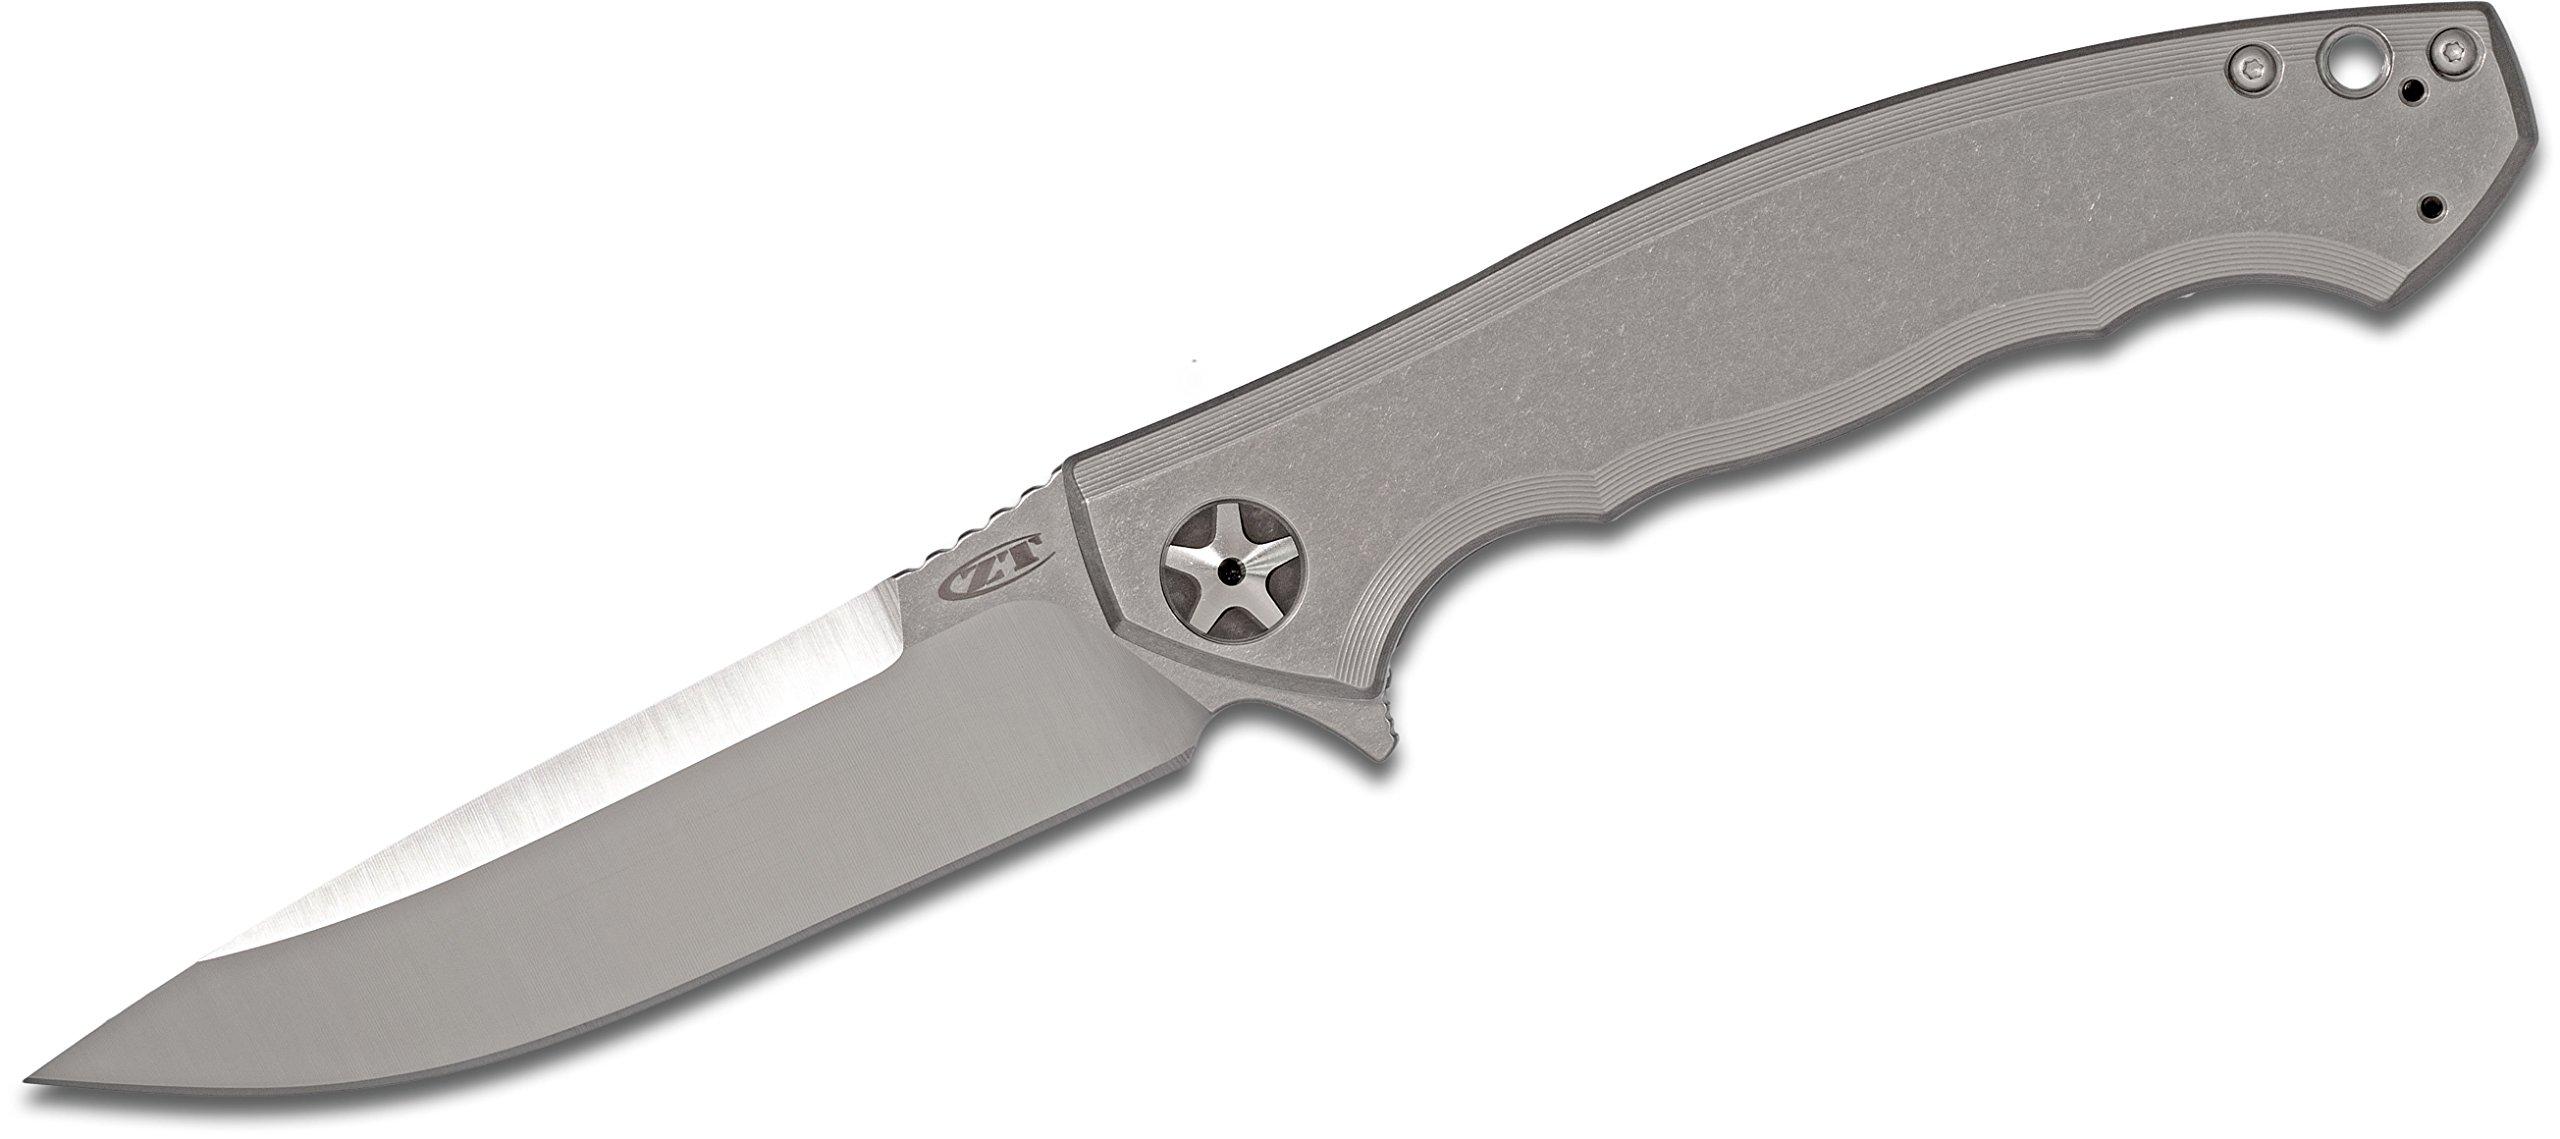 Zero Tolerance 0452TI Sinkevich S35VN Steel Folding Knife